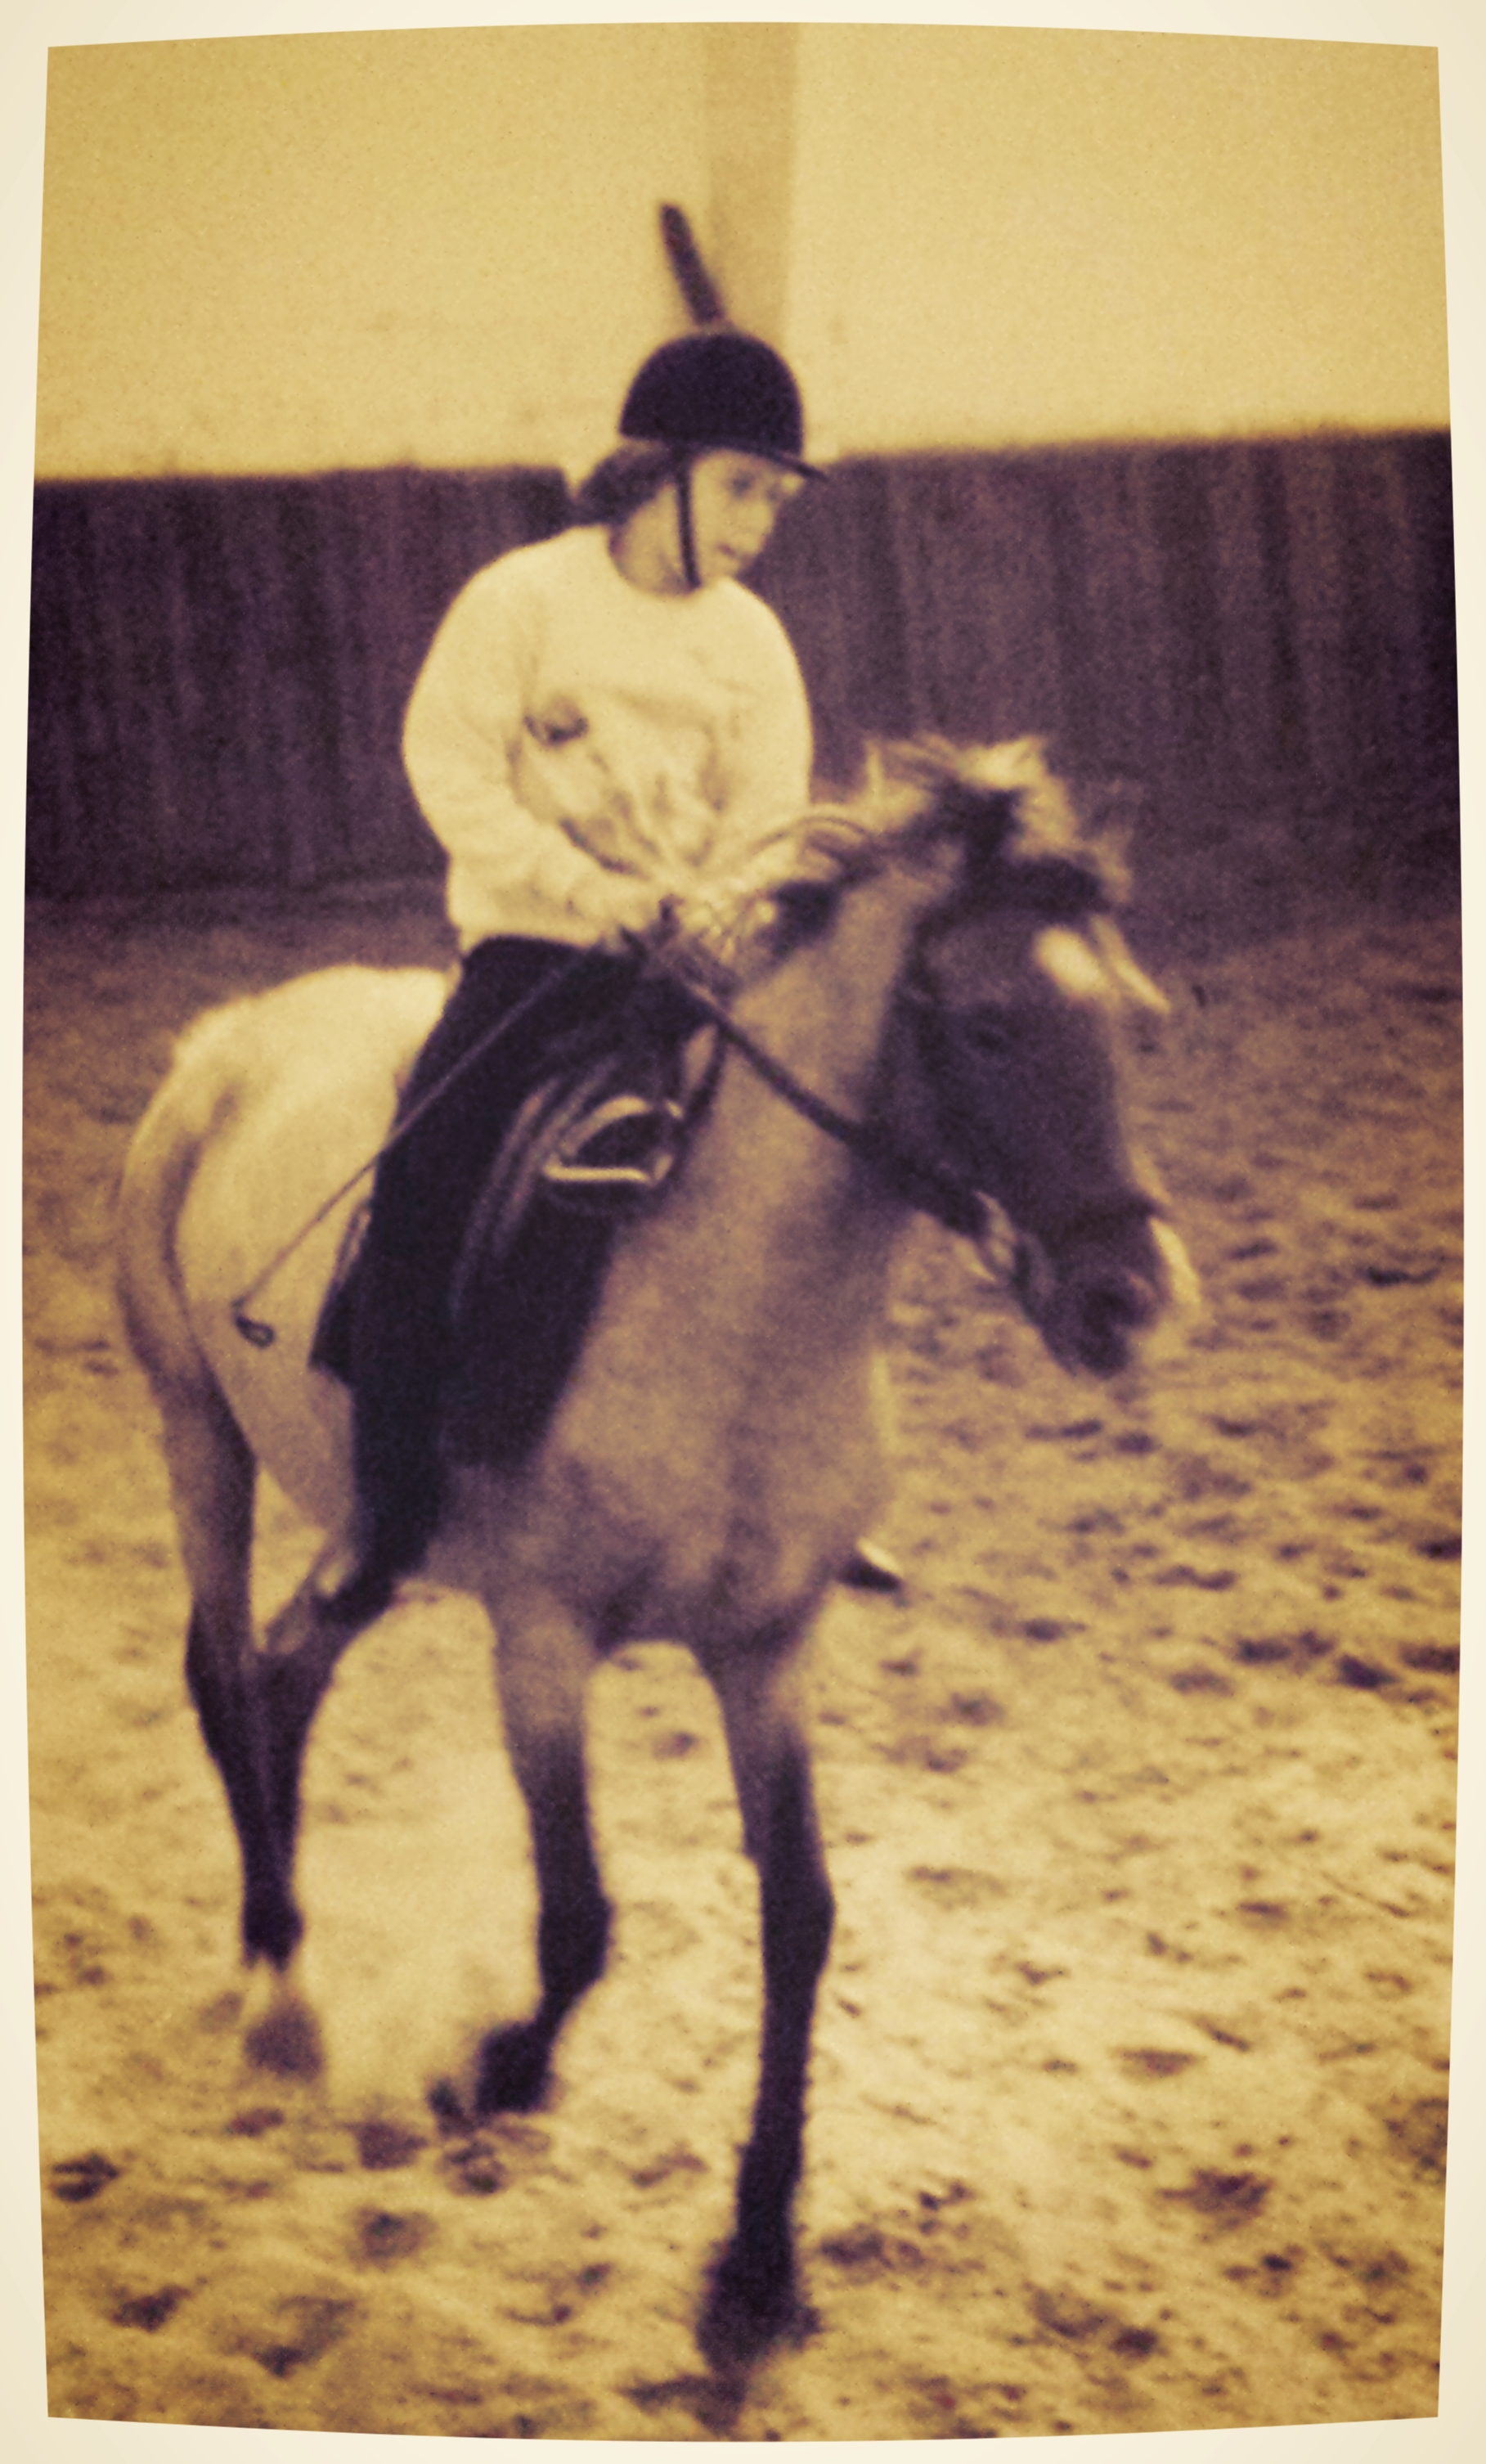 een onschuldig verjaardagsfeestje... - Ik werd 6 jaar oud en mijn ouders nodigden mijn vriendjes en vriendinnetjes uit op de plaatselijke manege om mijn verjaardag te vieren. En ik vond het heel leuk dus ging ik een week later nog een rijles volgen en de week nadien nog eens én dat bleef zo tijdens de daaropvolgende jaren.Borstelen tot ze spiegelden, uitkijken naar het paardenkamp, paardenprentjes verzamelen, kriebels in de buik als ik op mijn favoriete manegepony mocht en altijd zeuren voor een eigen pony bij elke verjaardag of sinterklaas. Dat is in een notendop mijn kindertijd. Tot ik 15 werd en ik op de fiets 3 uur heen-en-weer moest fietsen en mijn andere sportambities en schoolwerk begonnen te overheersen. Het vuur voor paarden doofde tot een klein waakvlammetje....